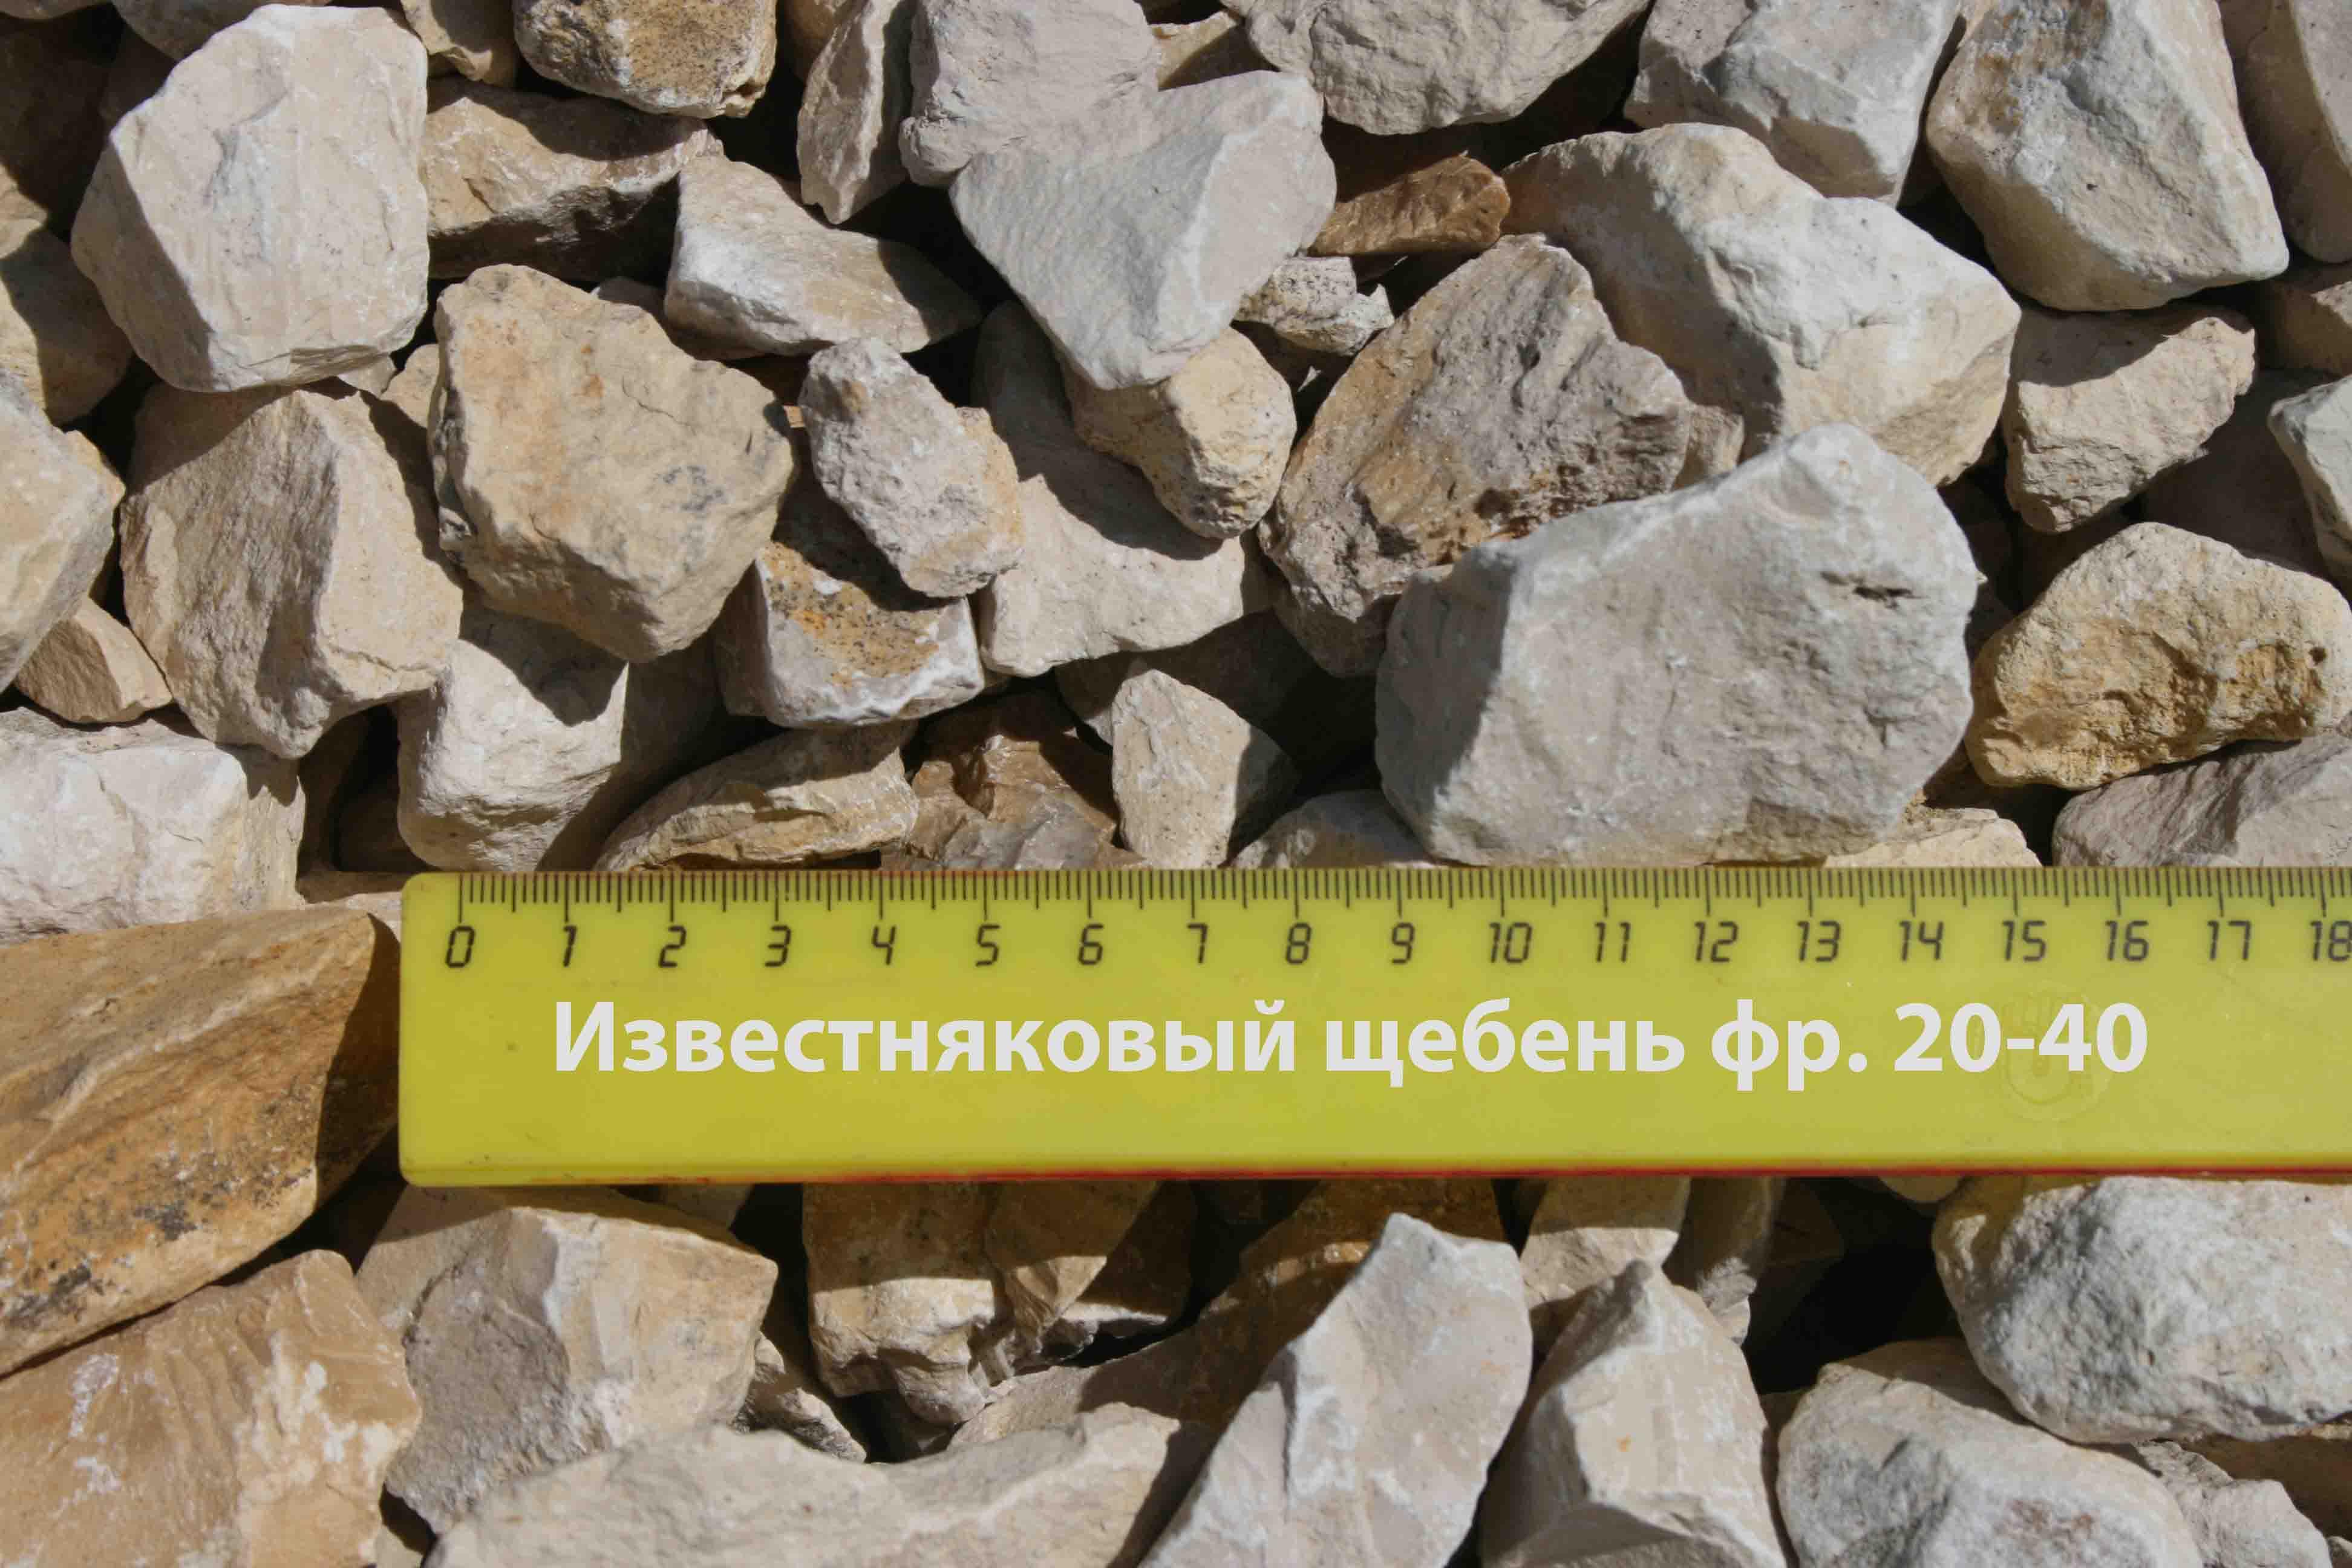 Известняковый щебень фр. 20-40